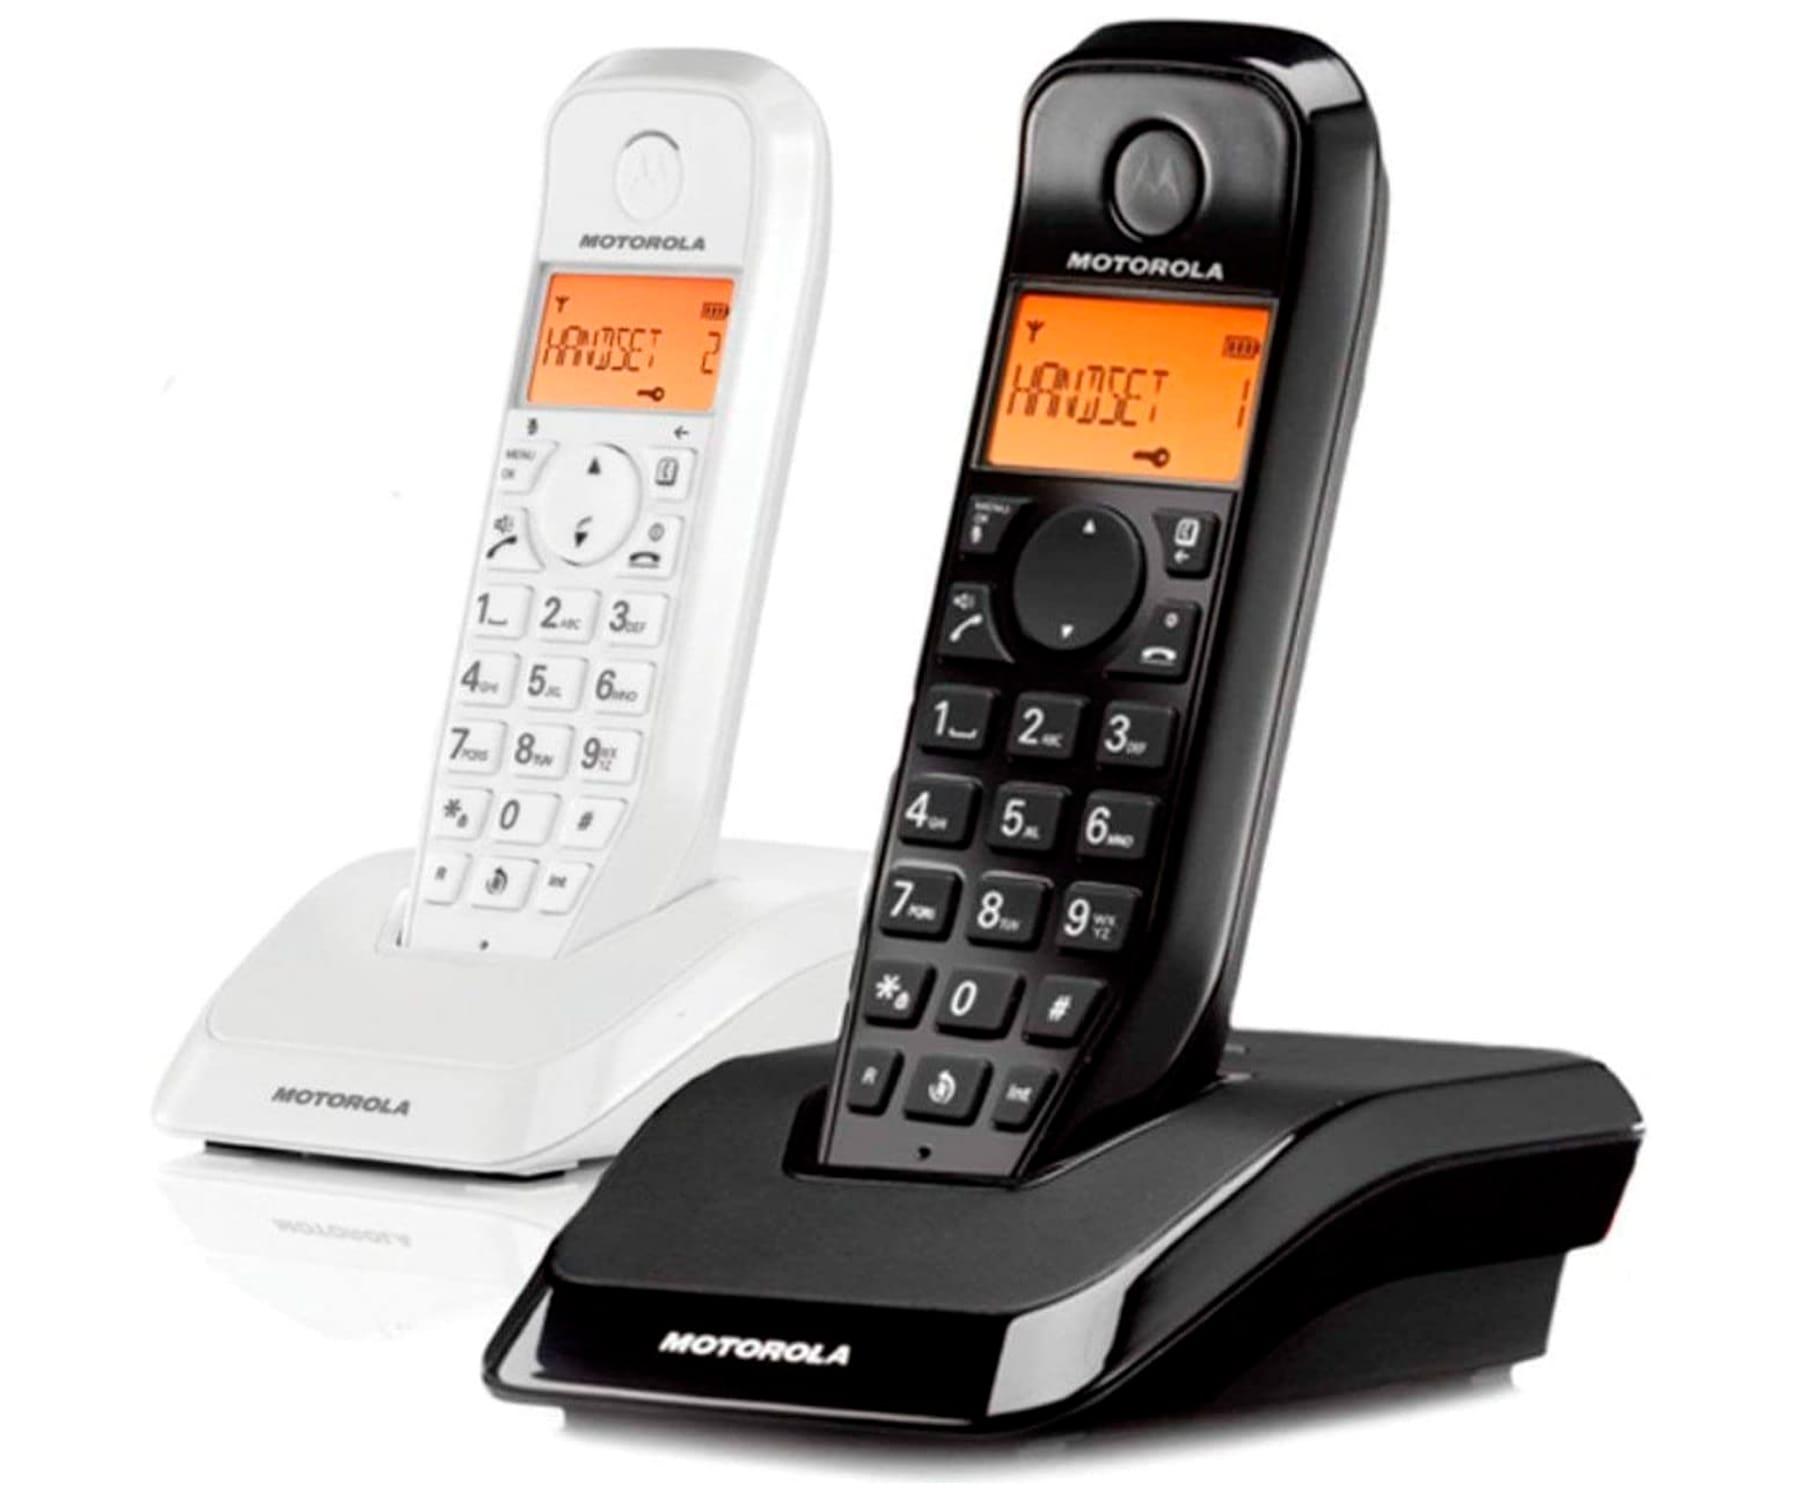 MOTOROLA S1202 NEGRO/BLANCO DUO TELÉFONO INALÁMBRICO - S1202 DUO